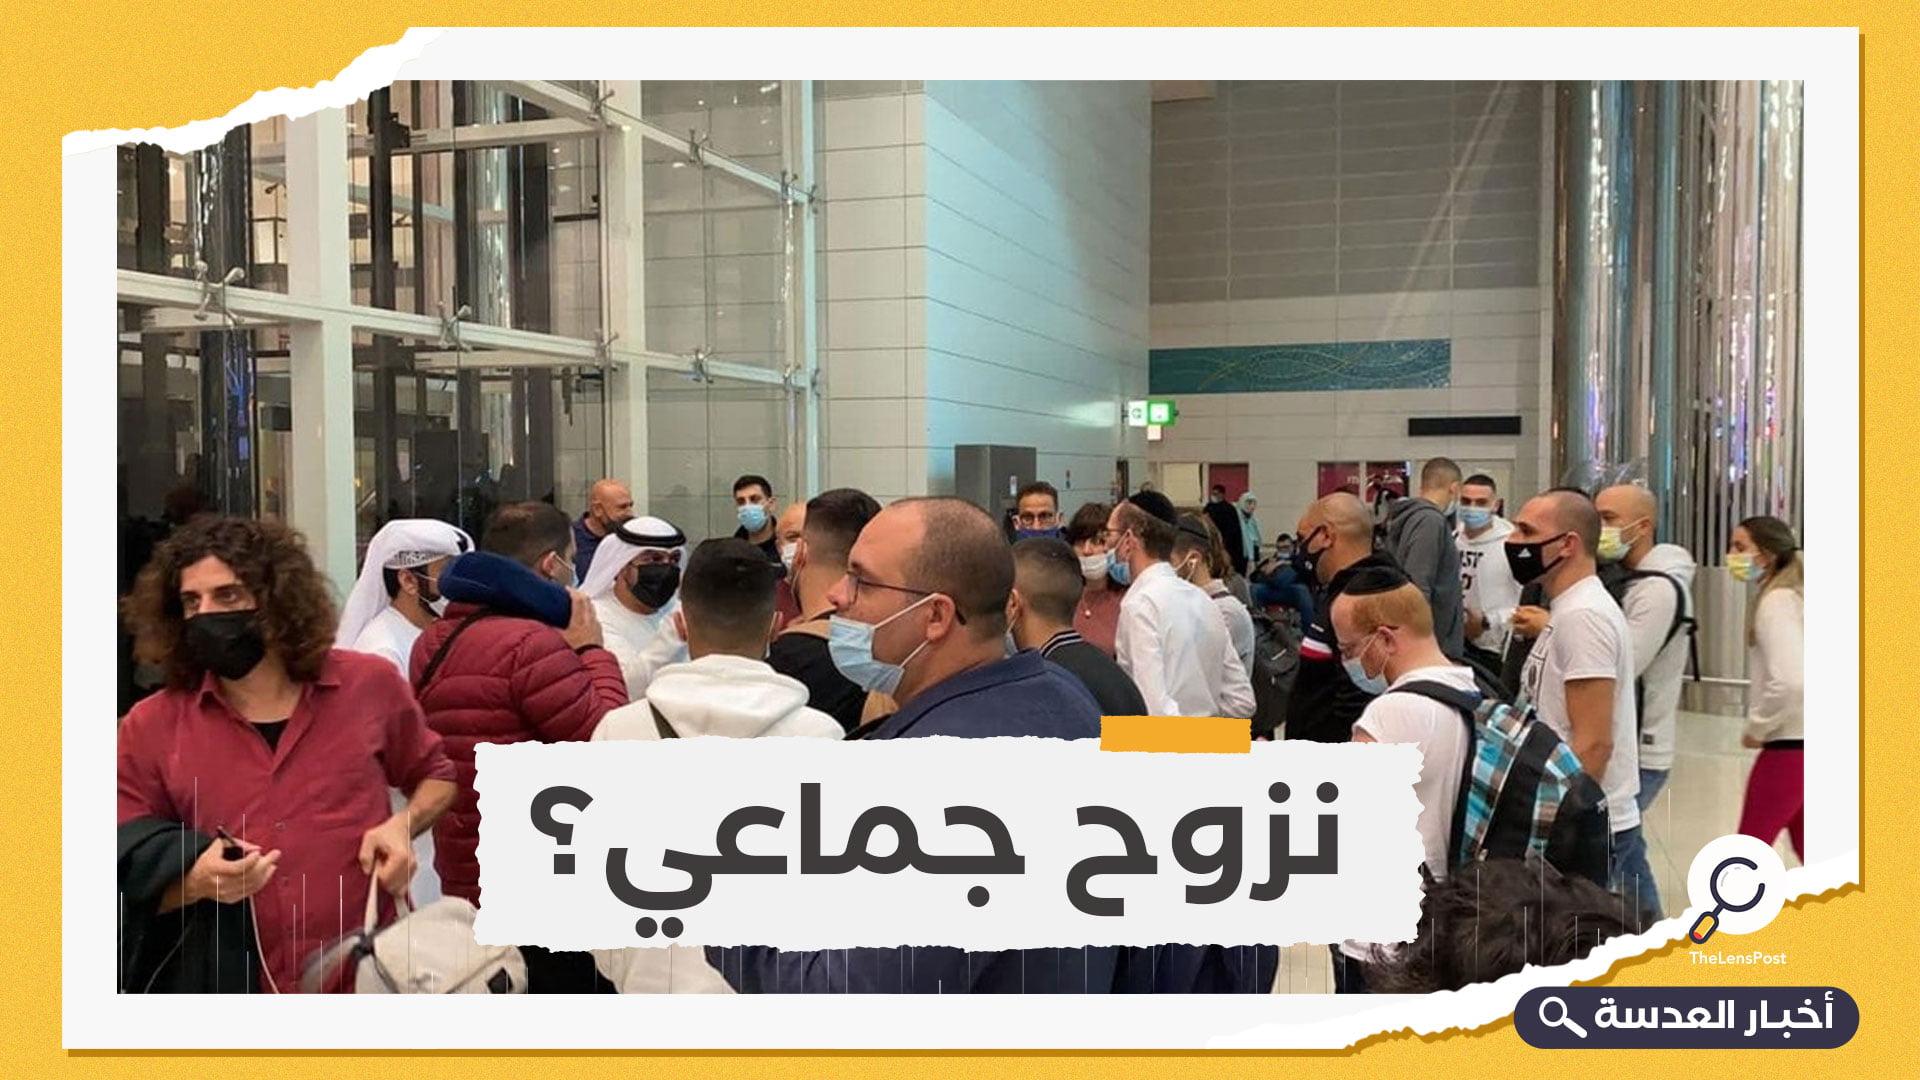 إسرائيليون بالجملة يفرون إلى الإمارات لهذا السبب